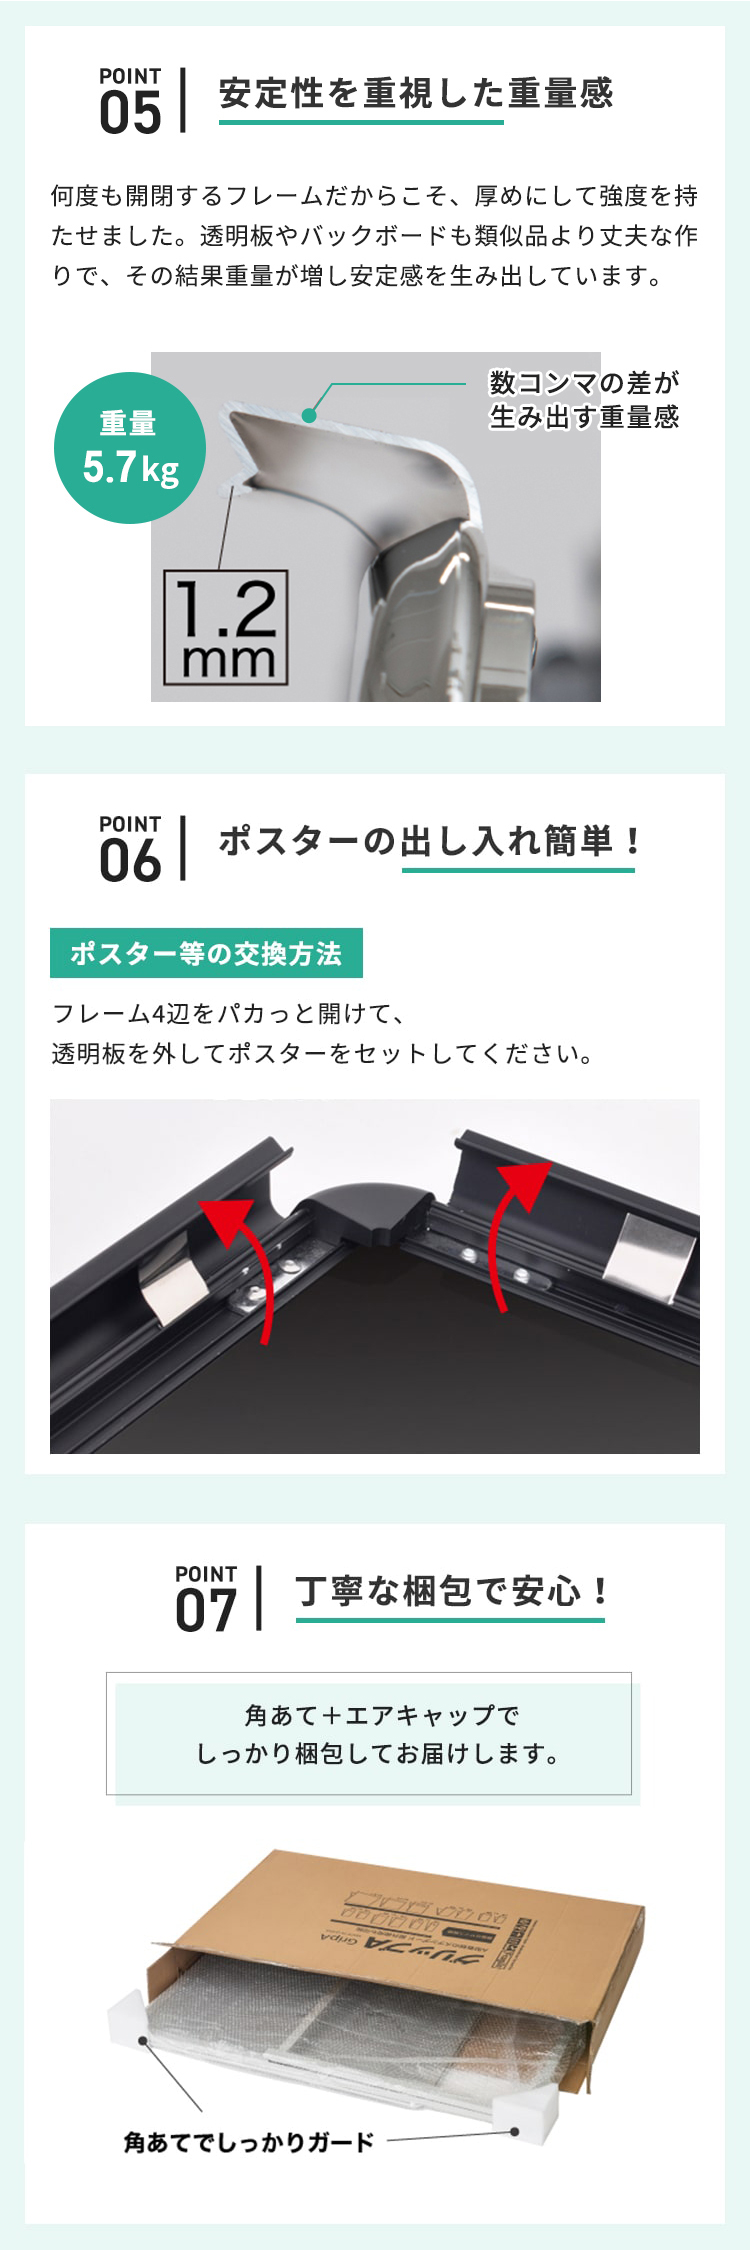 グリップA A1片面ロー 説明